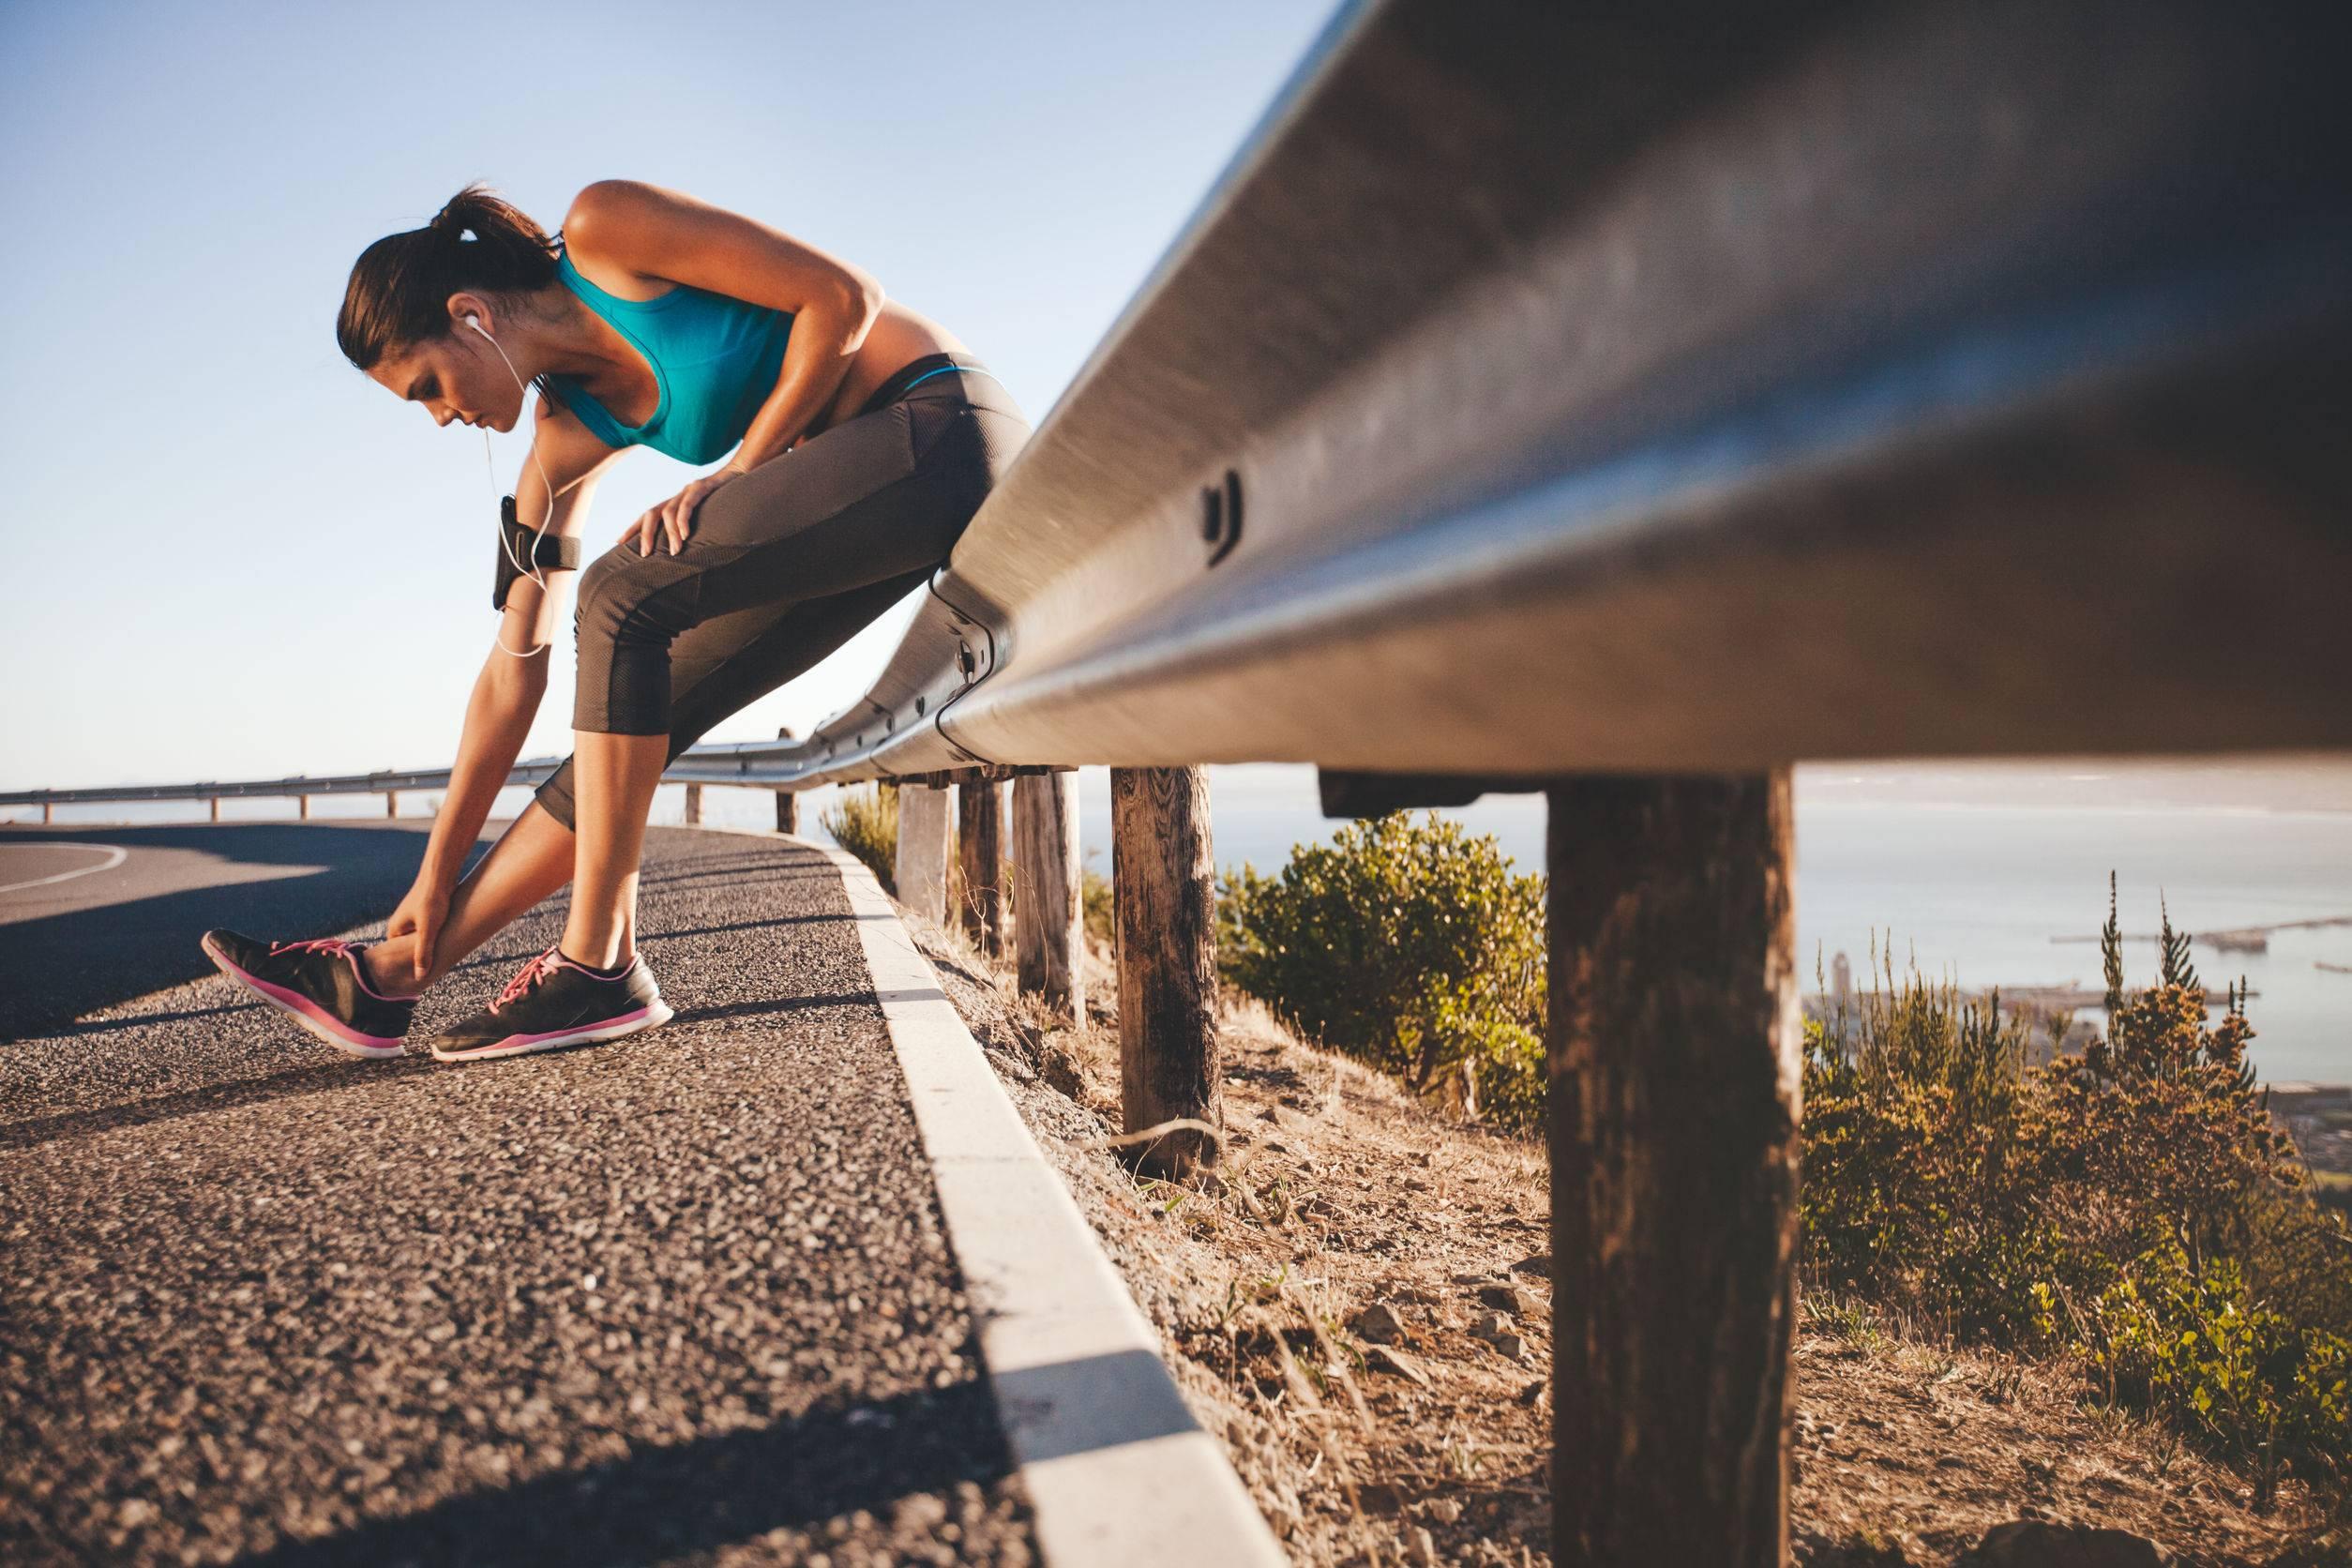 A rendszeres sporttal növelhető a szexuális étvágy? 2